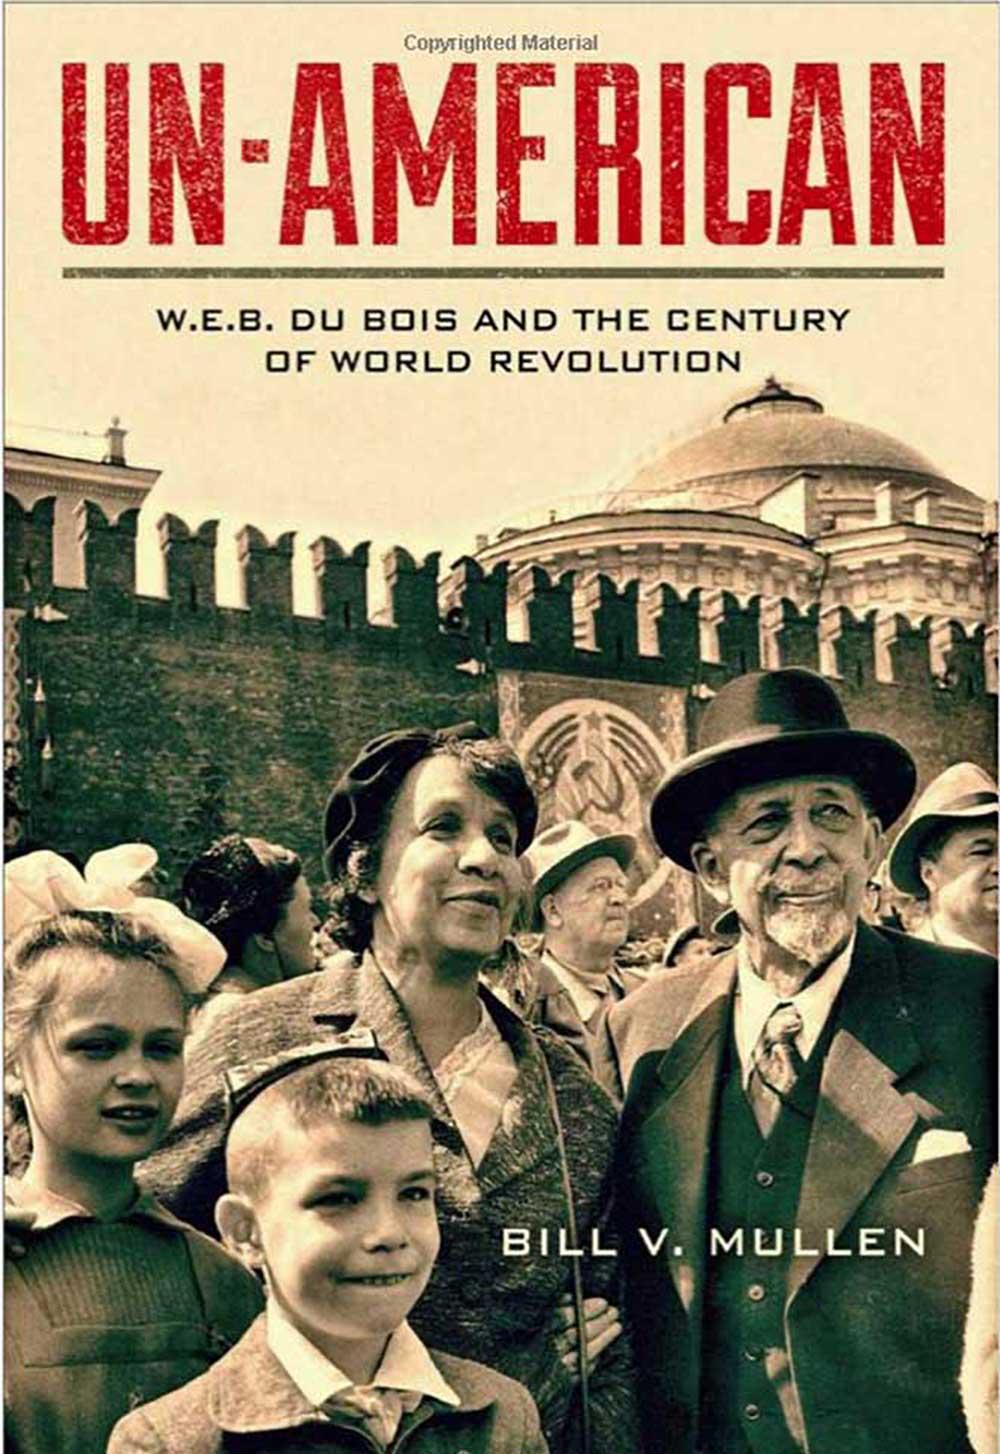 mullen-book-cover13-unamerican-1000px (1).jpg